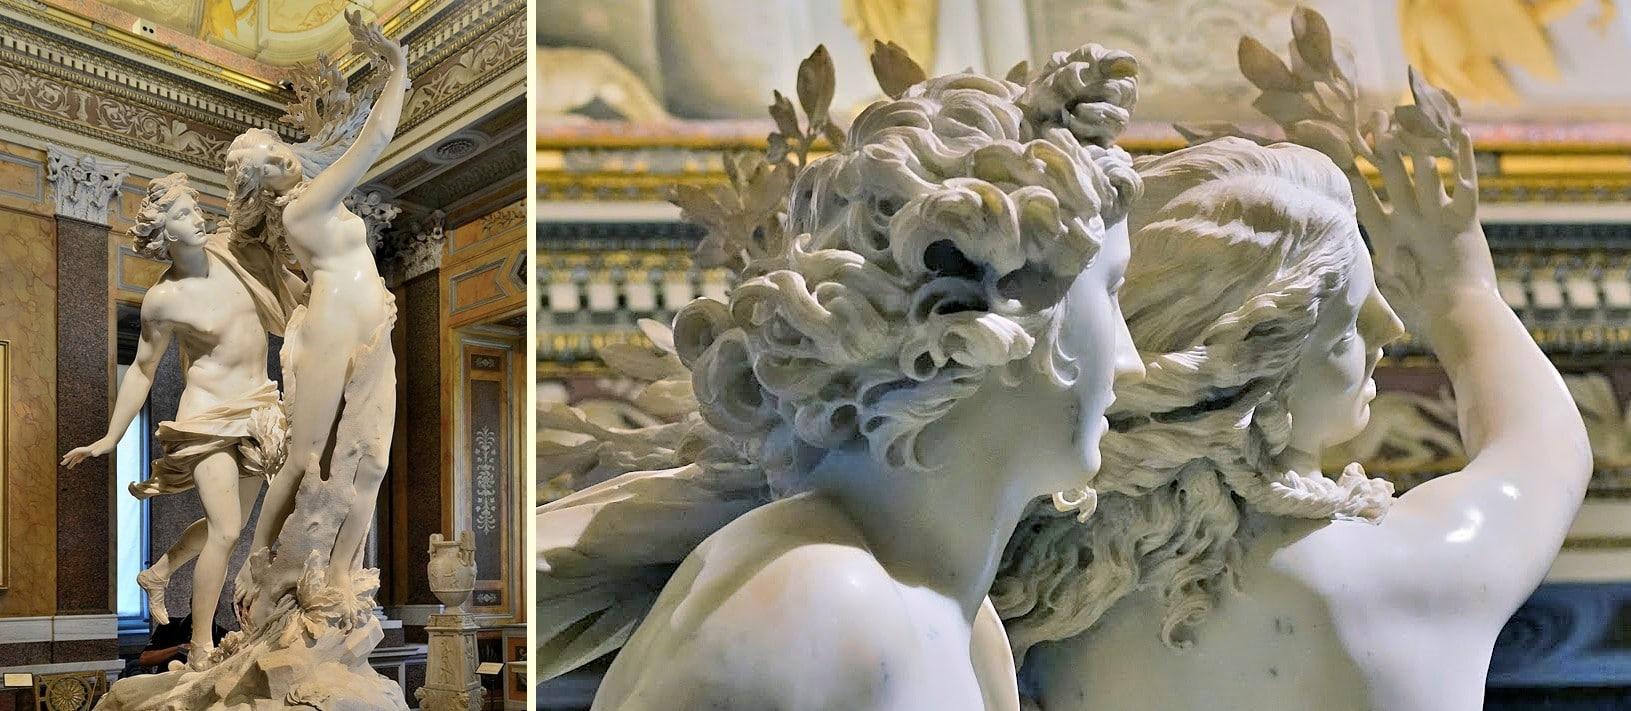 Apollon ve Daphne - Bernini- Borghese Galerisi Bileti ve Rehberi